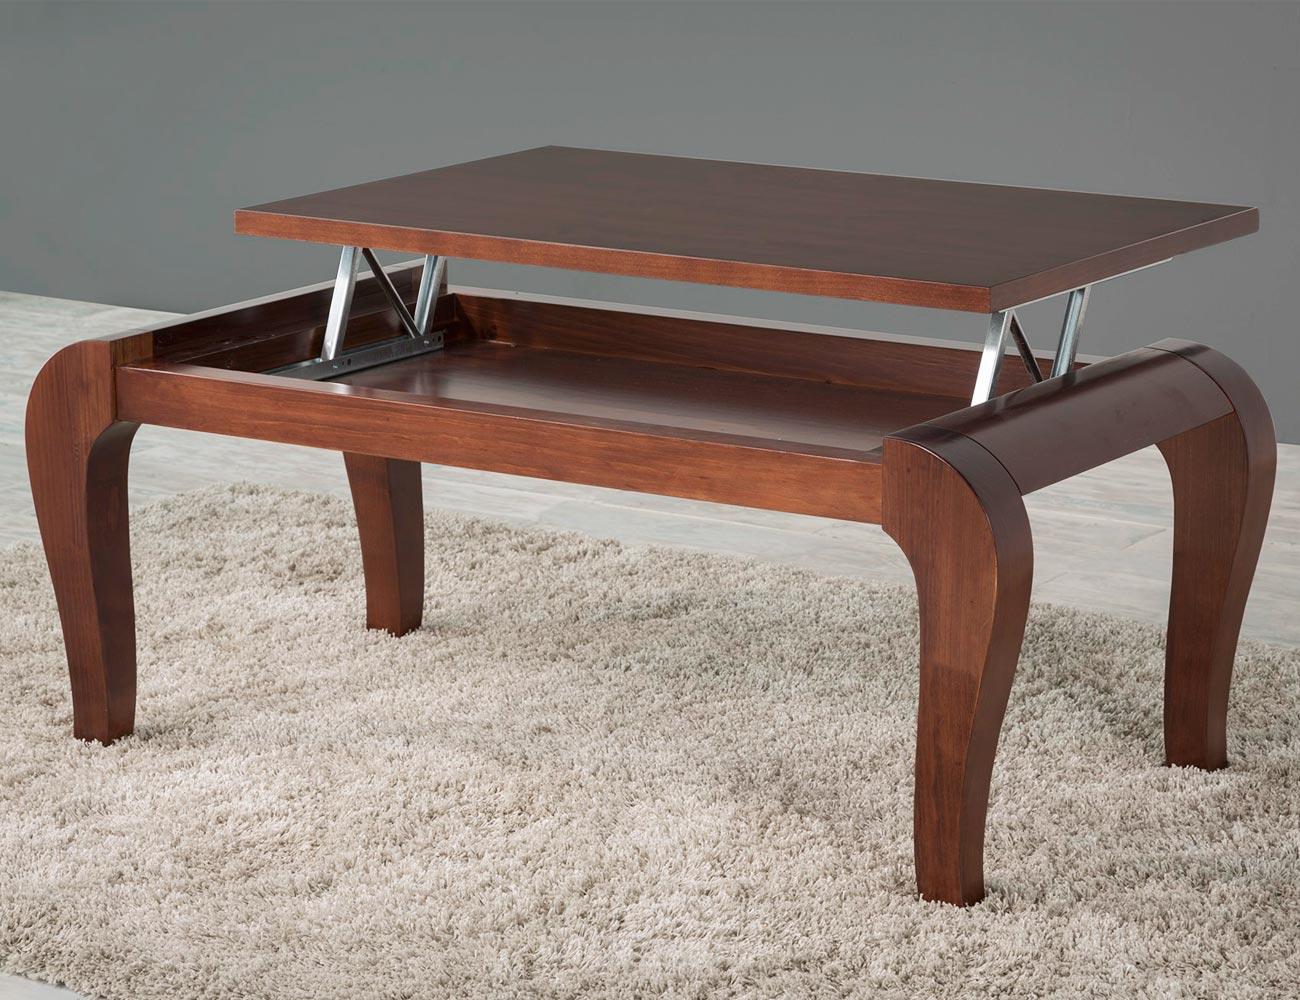 H 63 mesa centro pata isabelina tapa elevable madera3